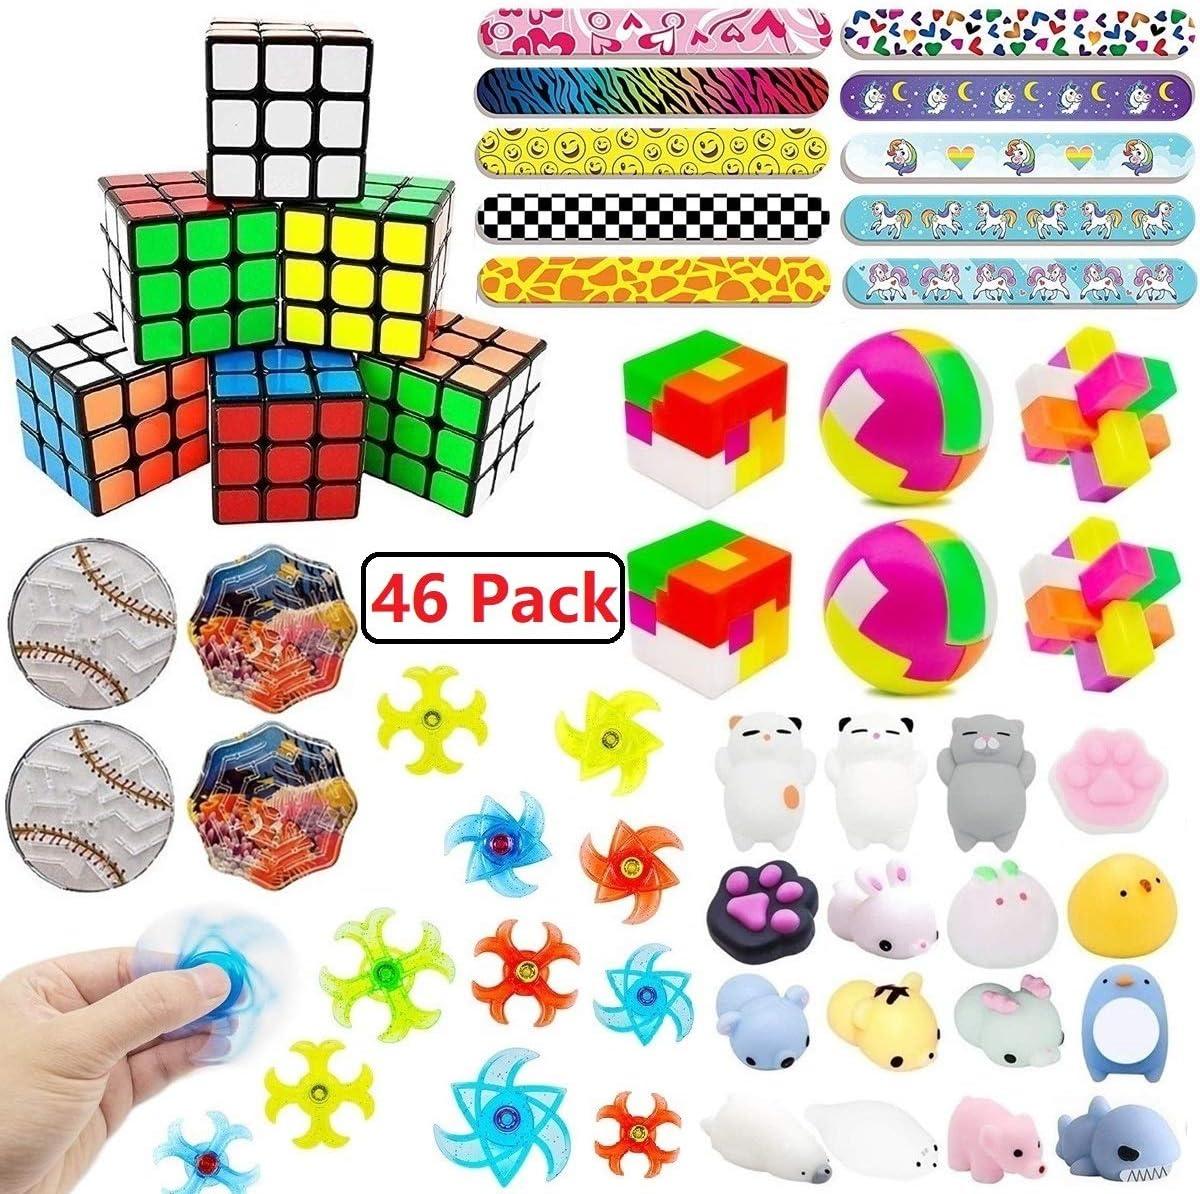 Amazon.com: Paquete de 46 regalos de fiesta para juguetes ...